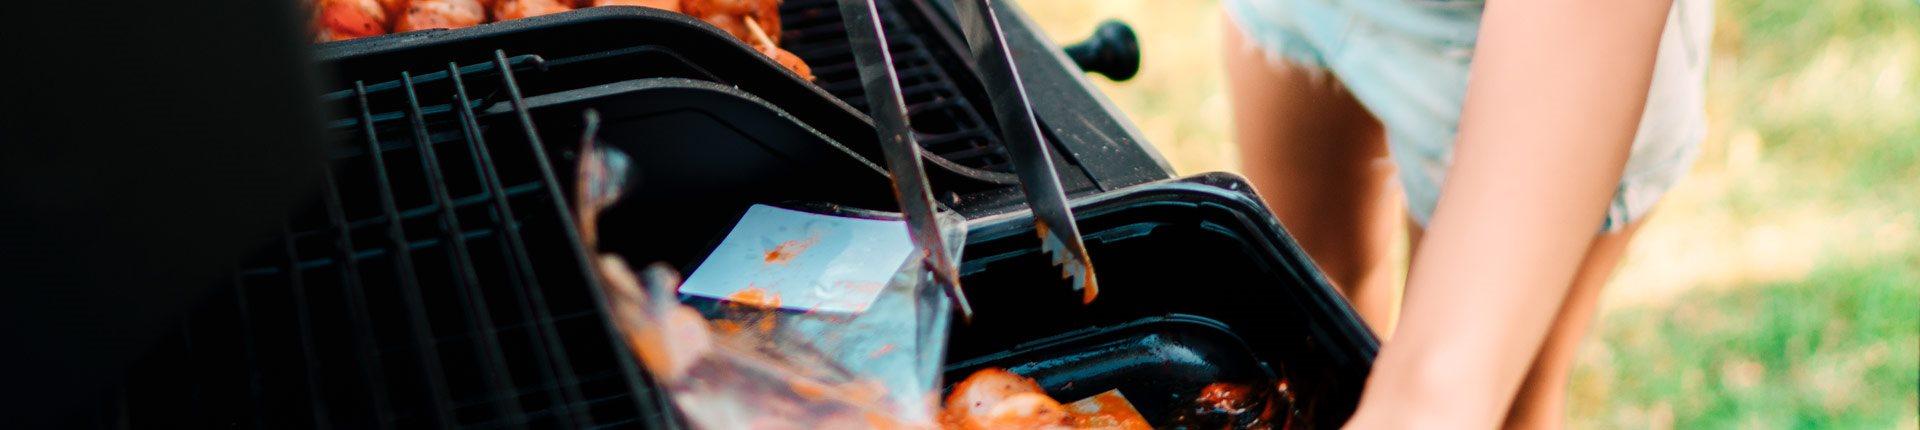 Grillowanie dla początkujących - mini poradnik grillowania